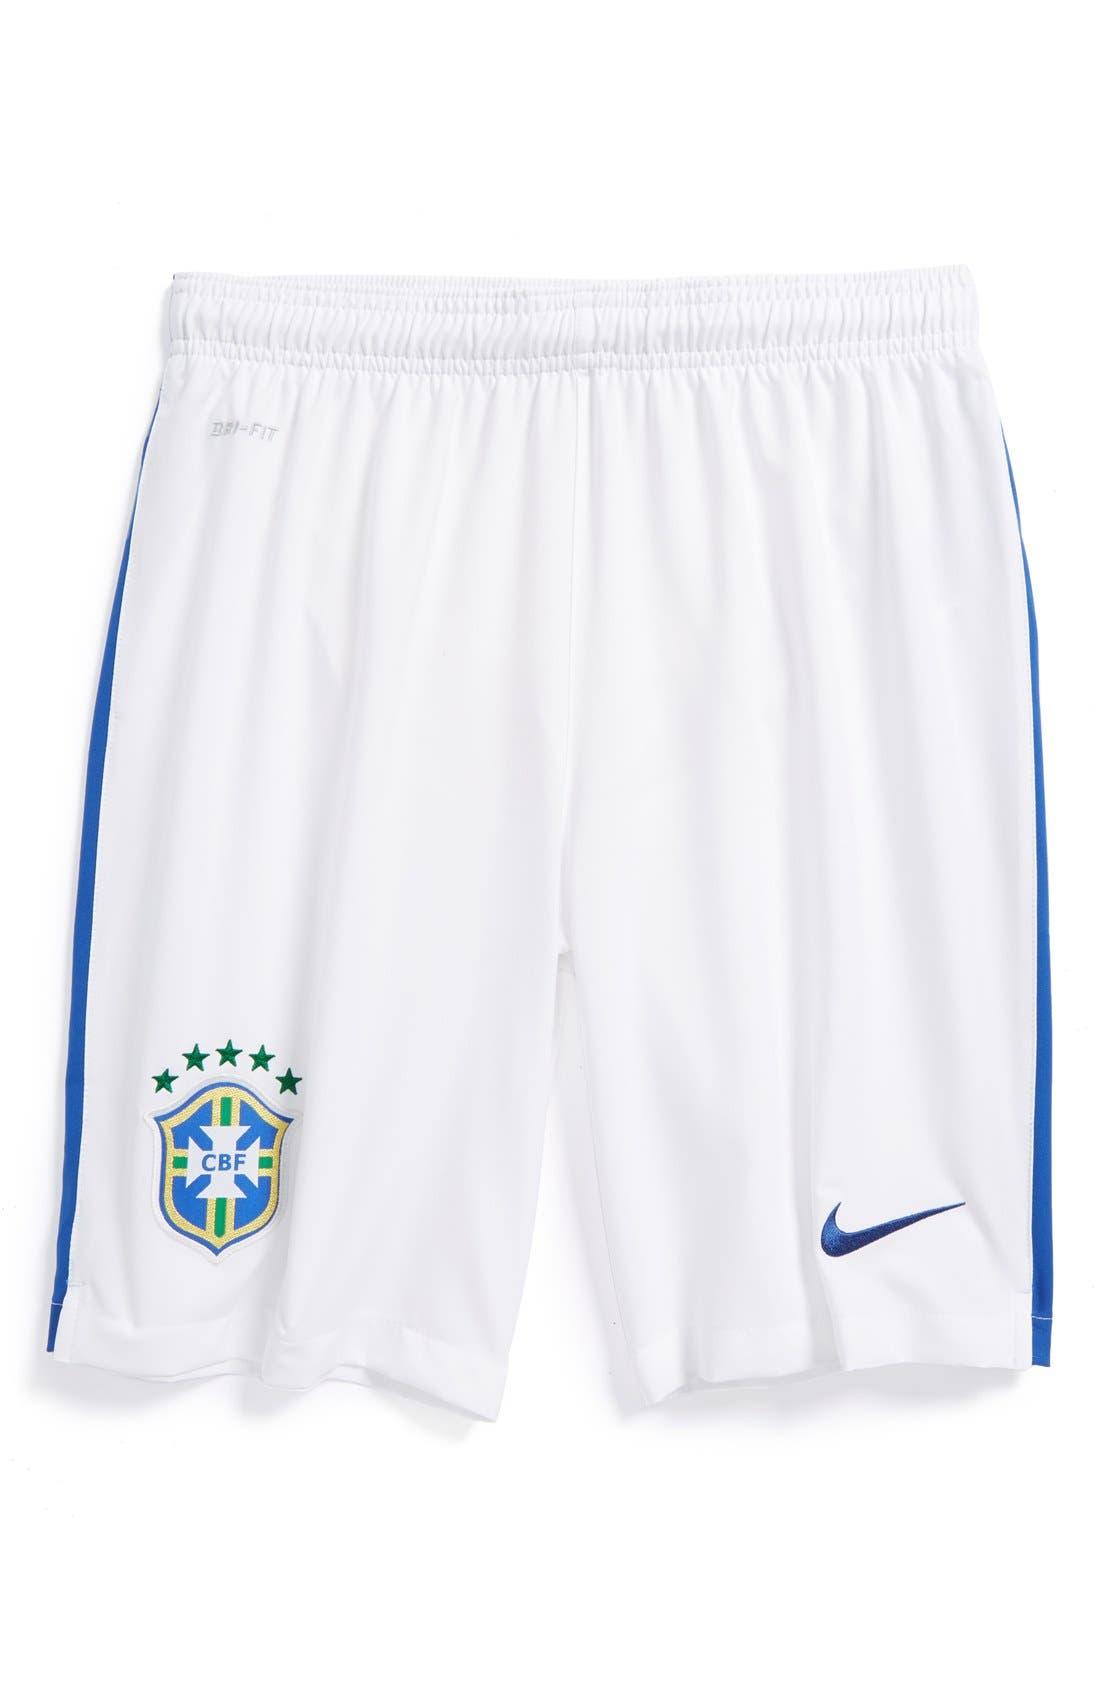 Alternate Image 1 Selected - Nike 'CBF Stadium World Soccer' Shorts (Big Boys)